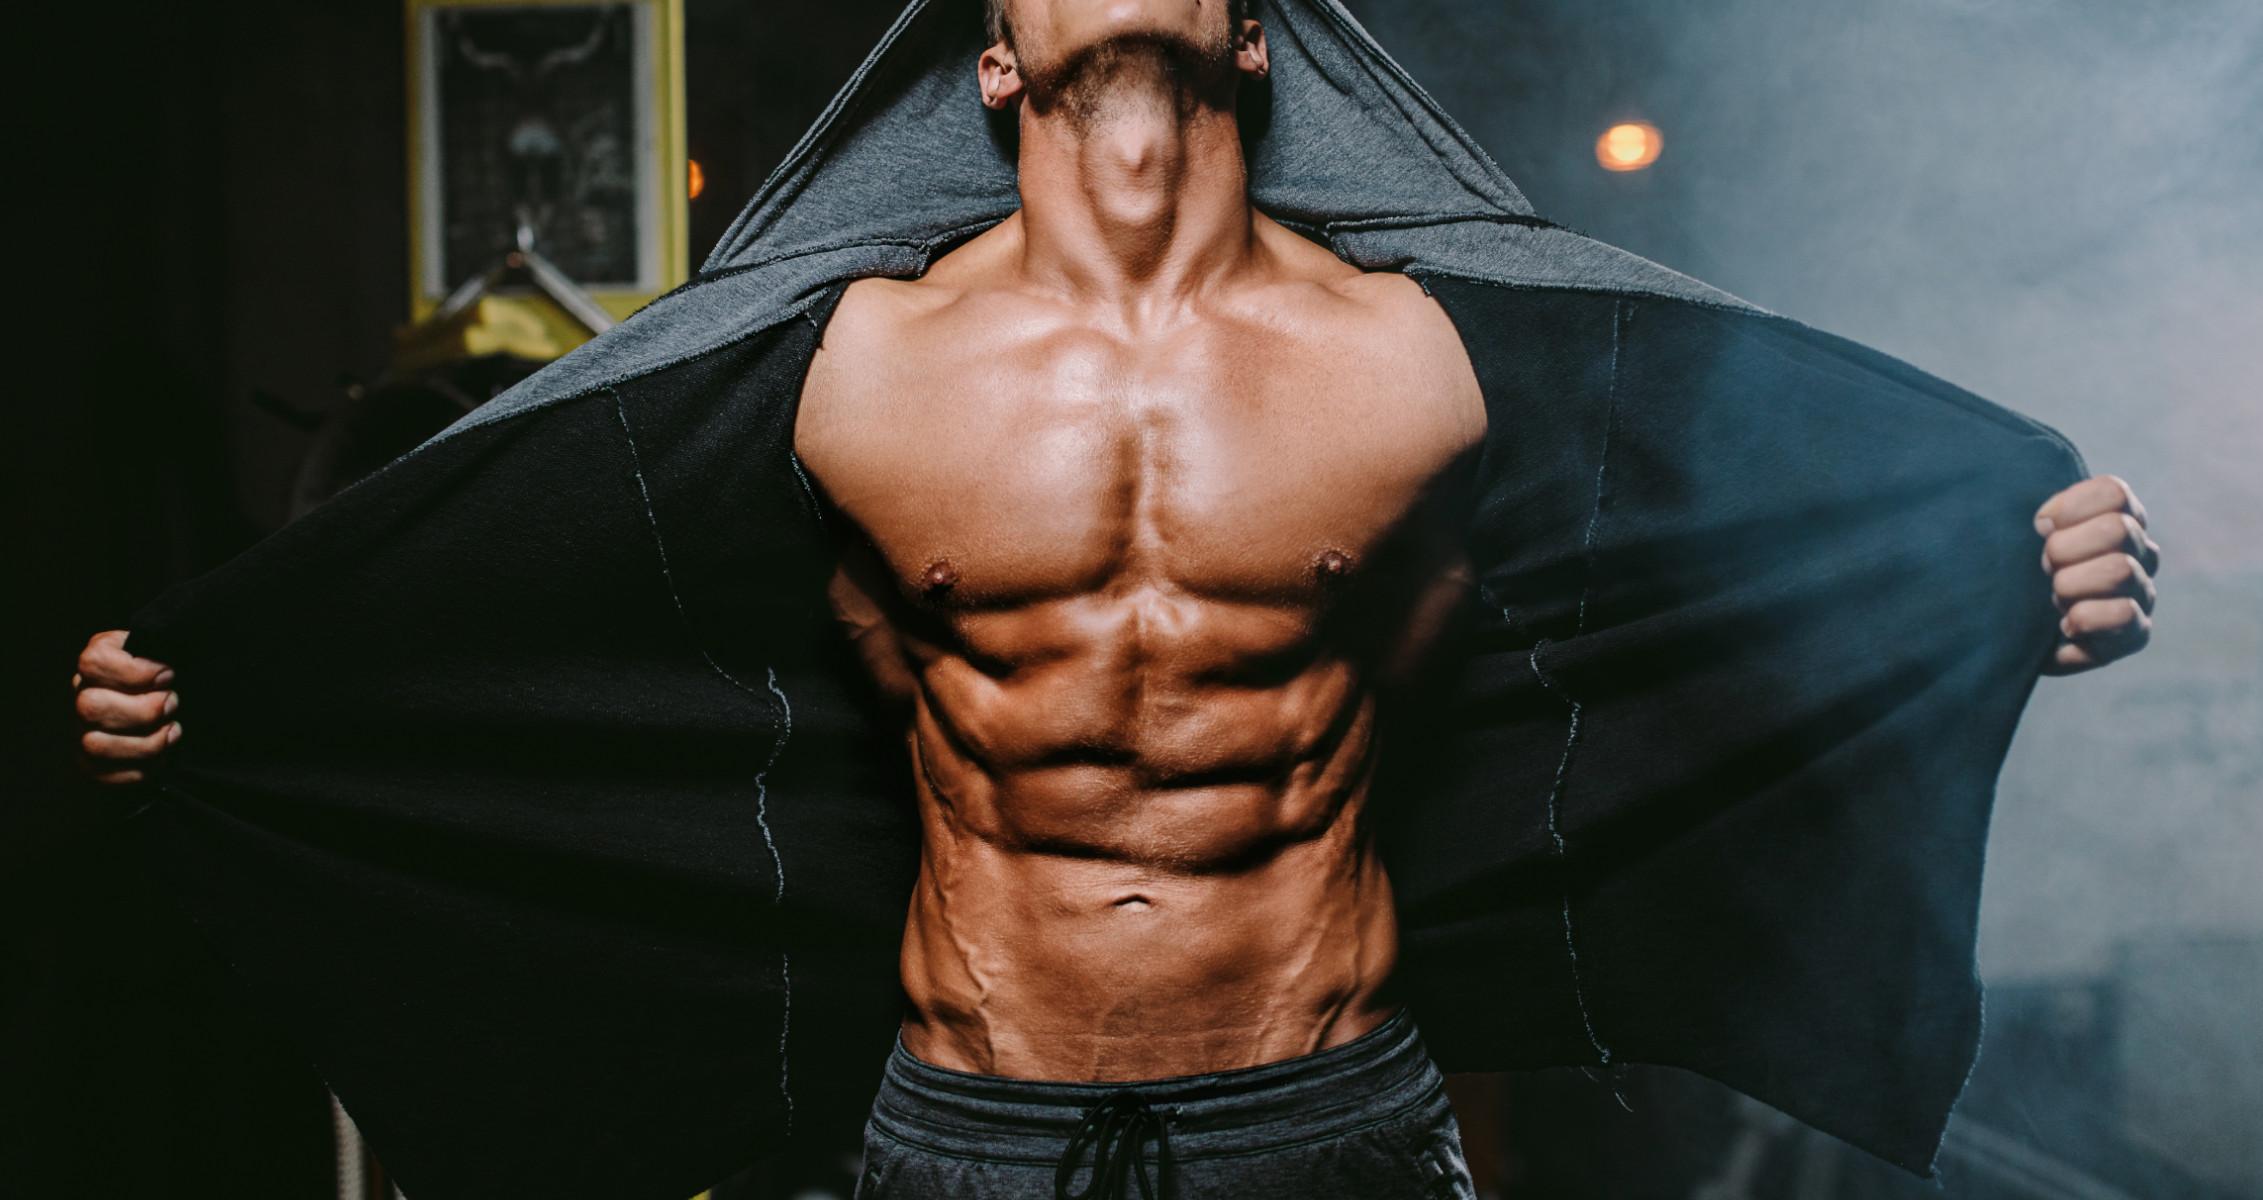 muscular-abs-dianabol-man